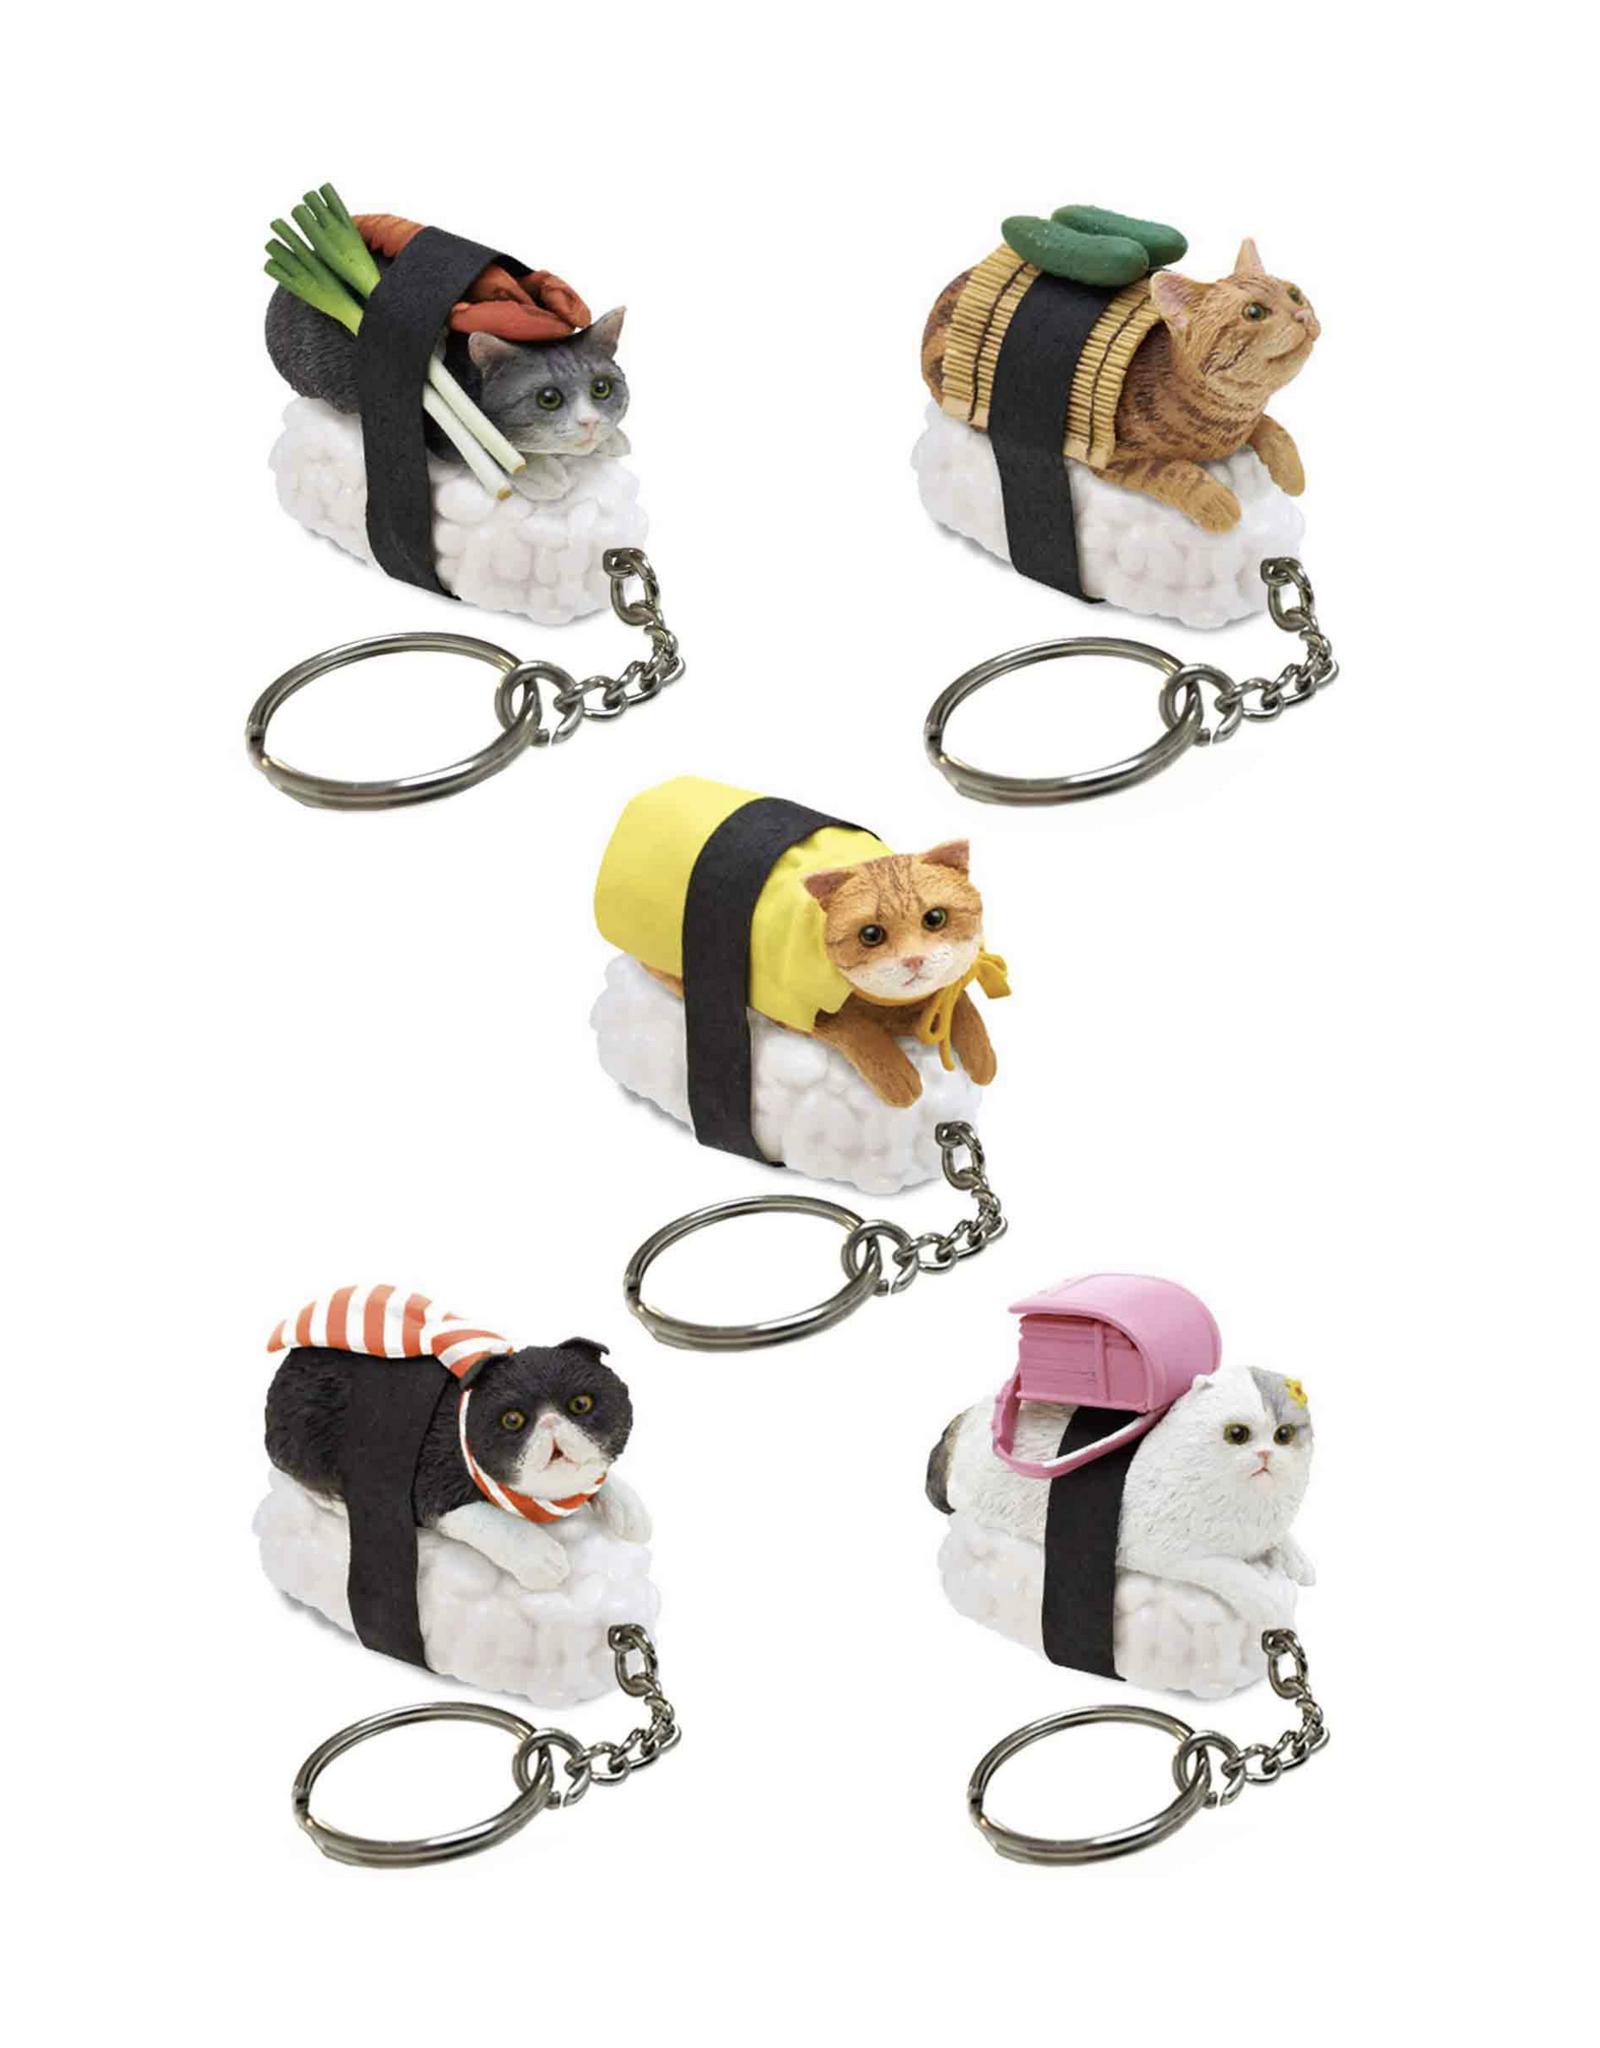 Sushi Cat Keychain Blind Box